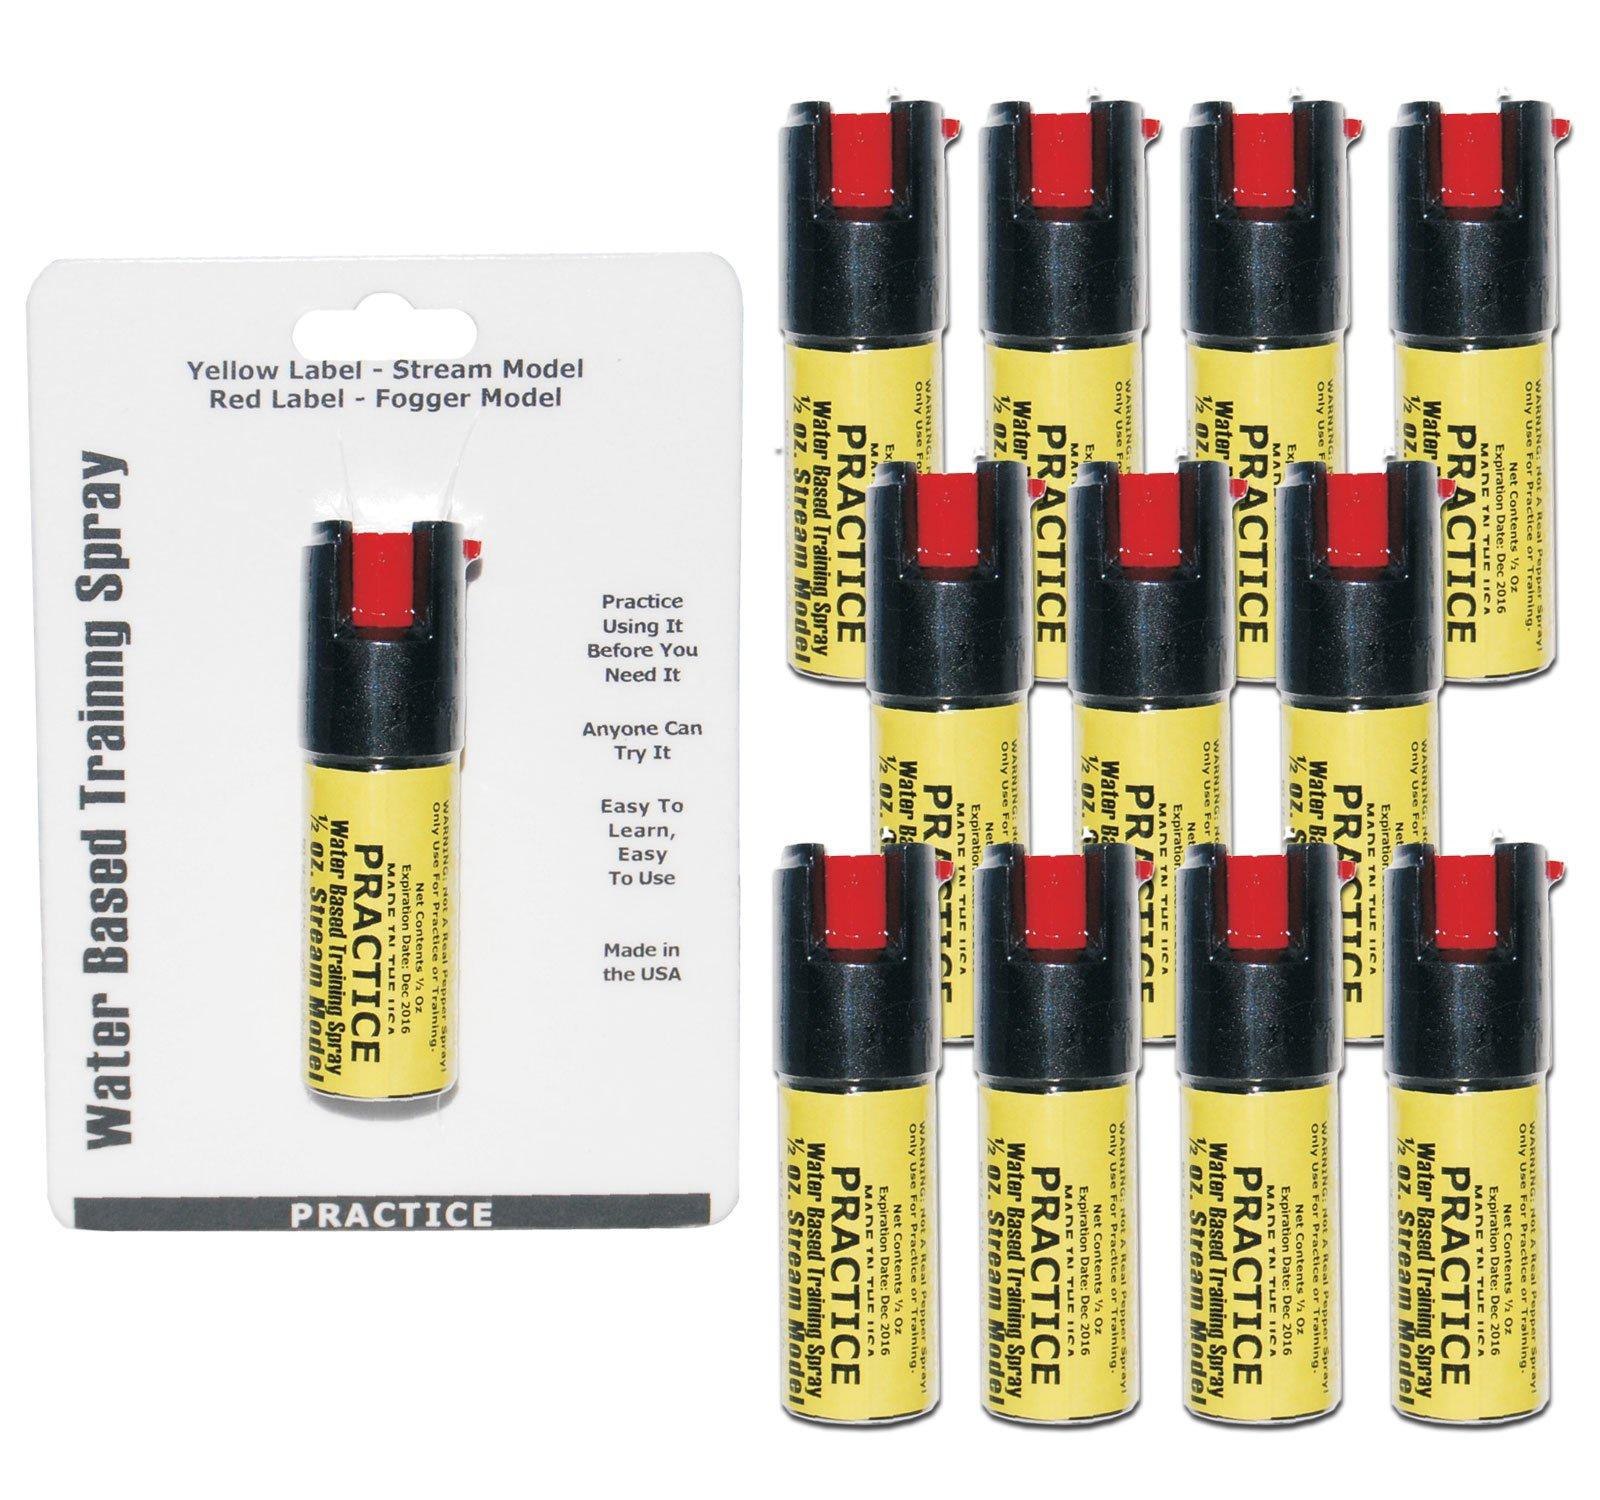 Inert Pepper Spray Practice Bundle - Lot of 12 - Inert Practice Pepper Spray units by Pepper Shot